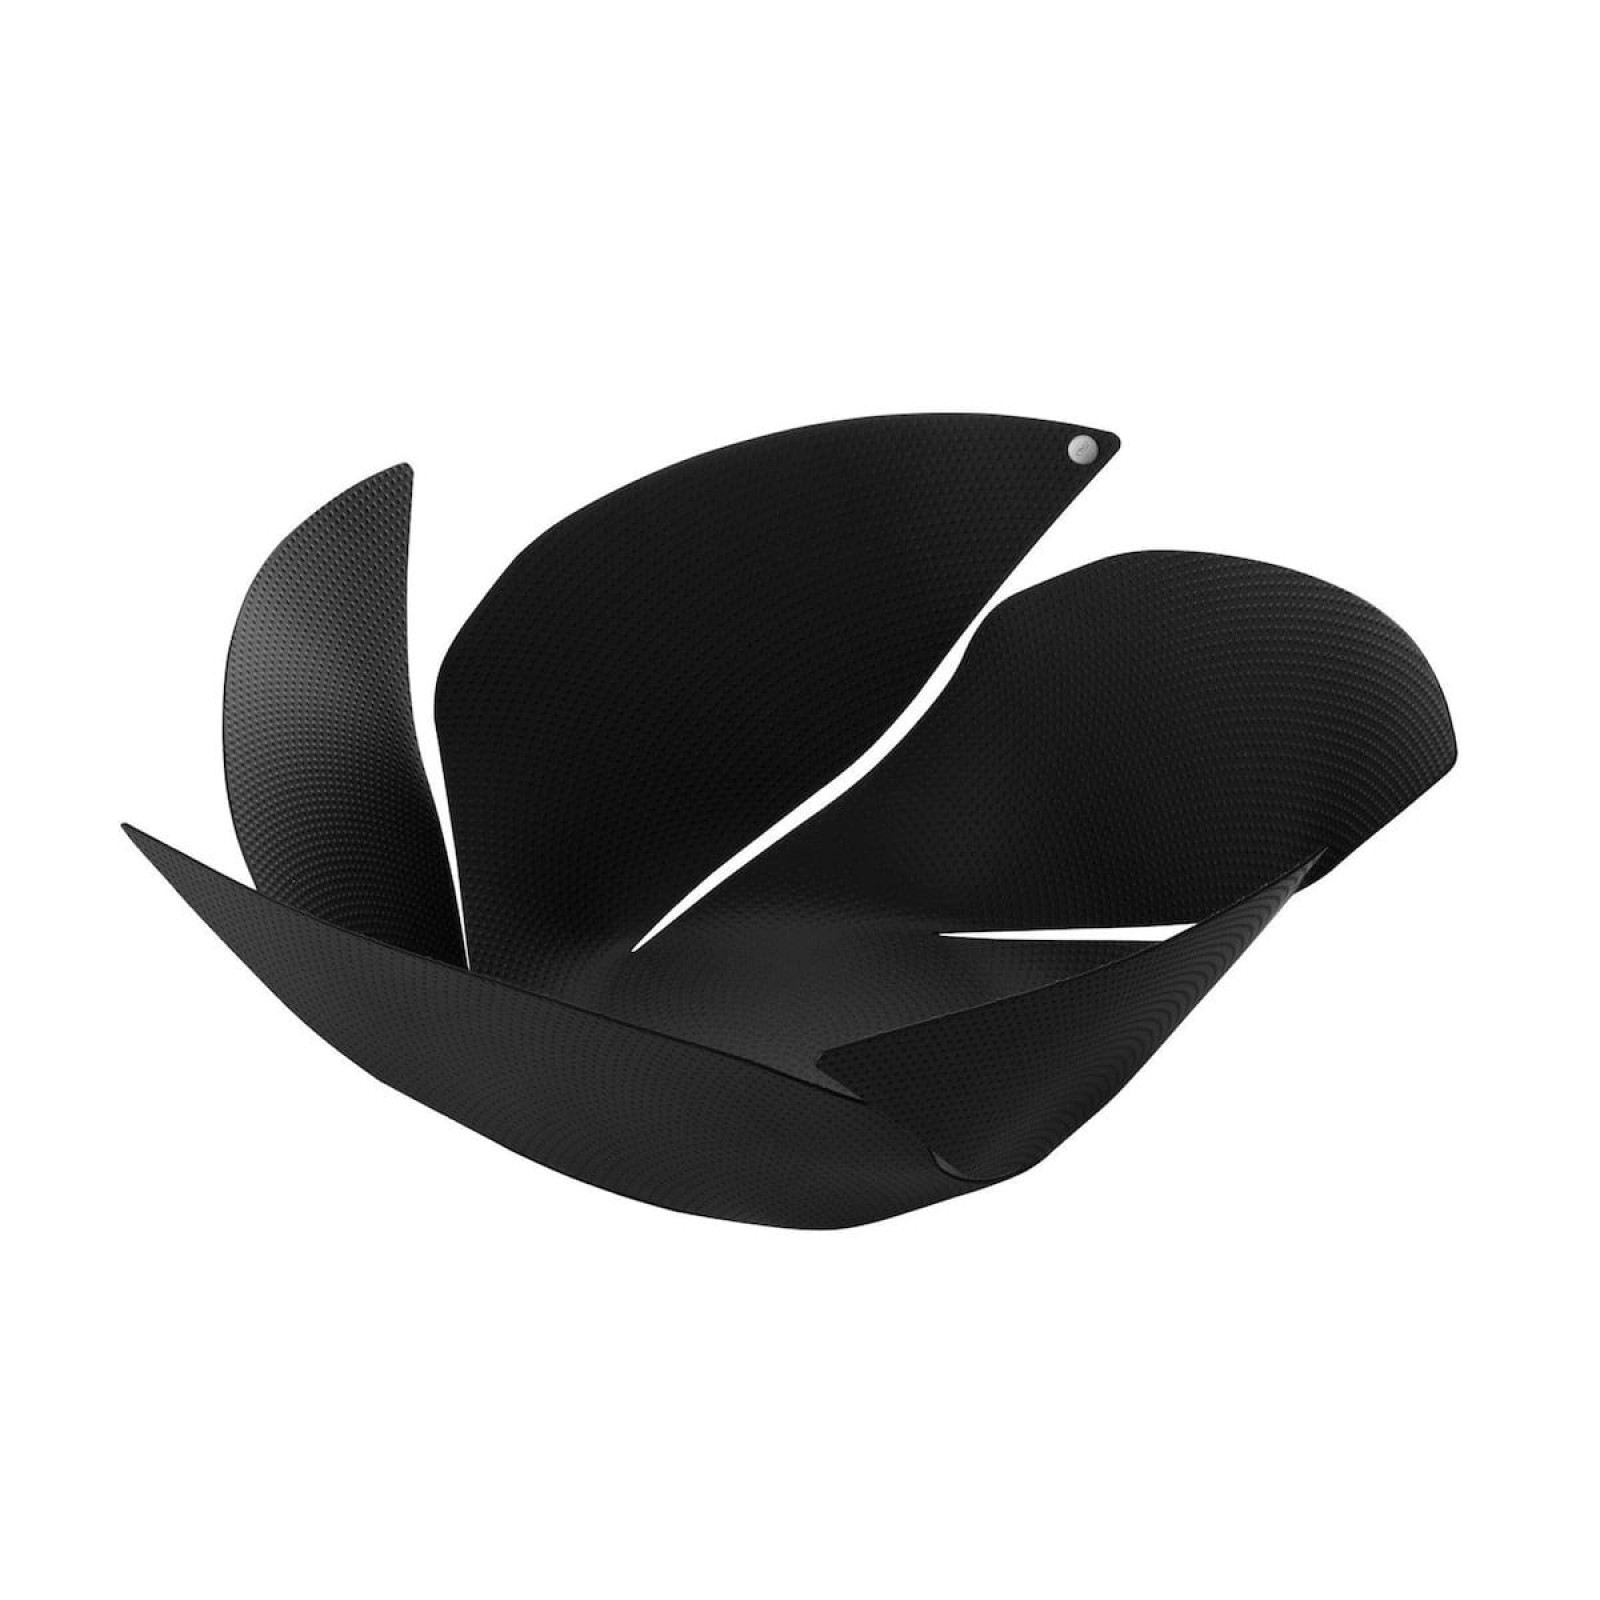 Μπολ / Φρουτιέρα με Ανάγλυφη Διακόσμηση Twist Again (Μαύρο) - Alessi